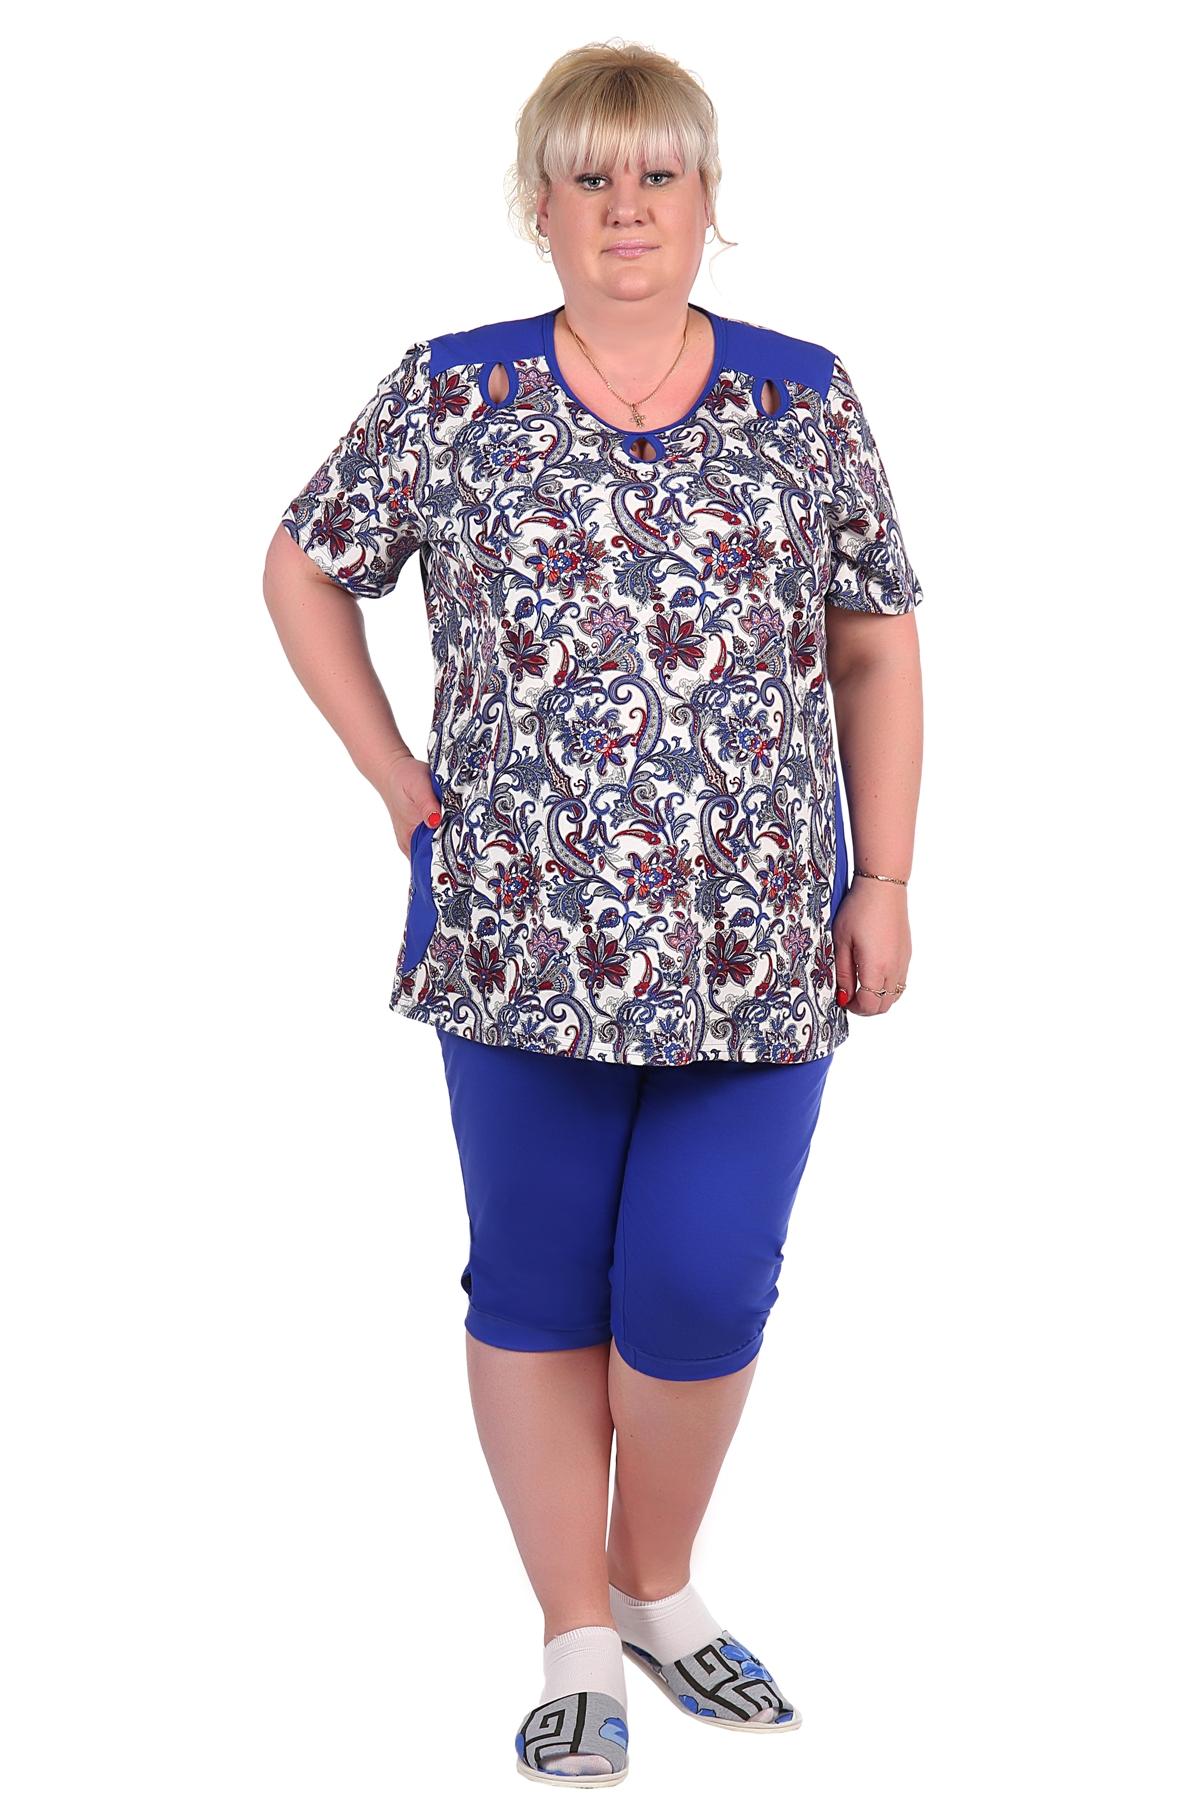 Жен. костюм арт. 16-0126 Синий р. 62Костюмы<br><br><br>Тип: Жен. костюм<br>Размер: 62<br>Материал: Кулирка